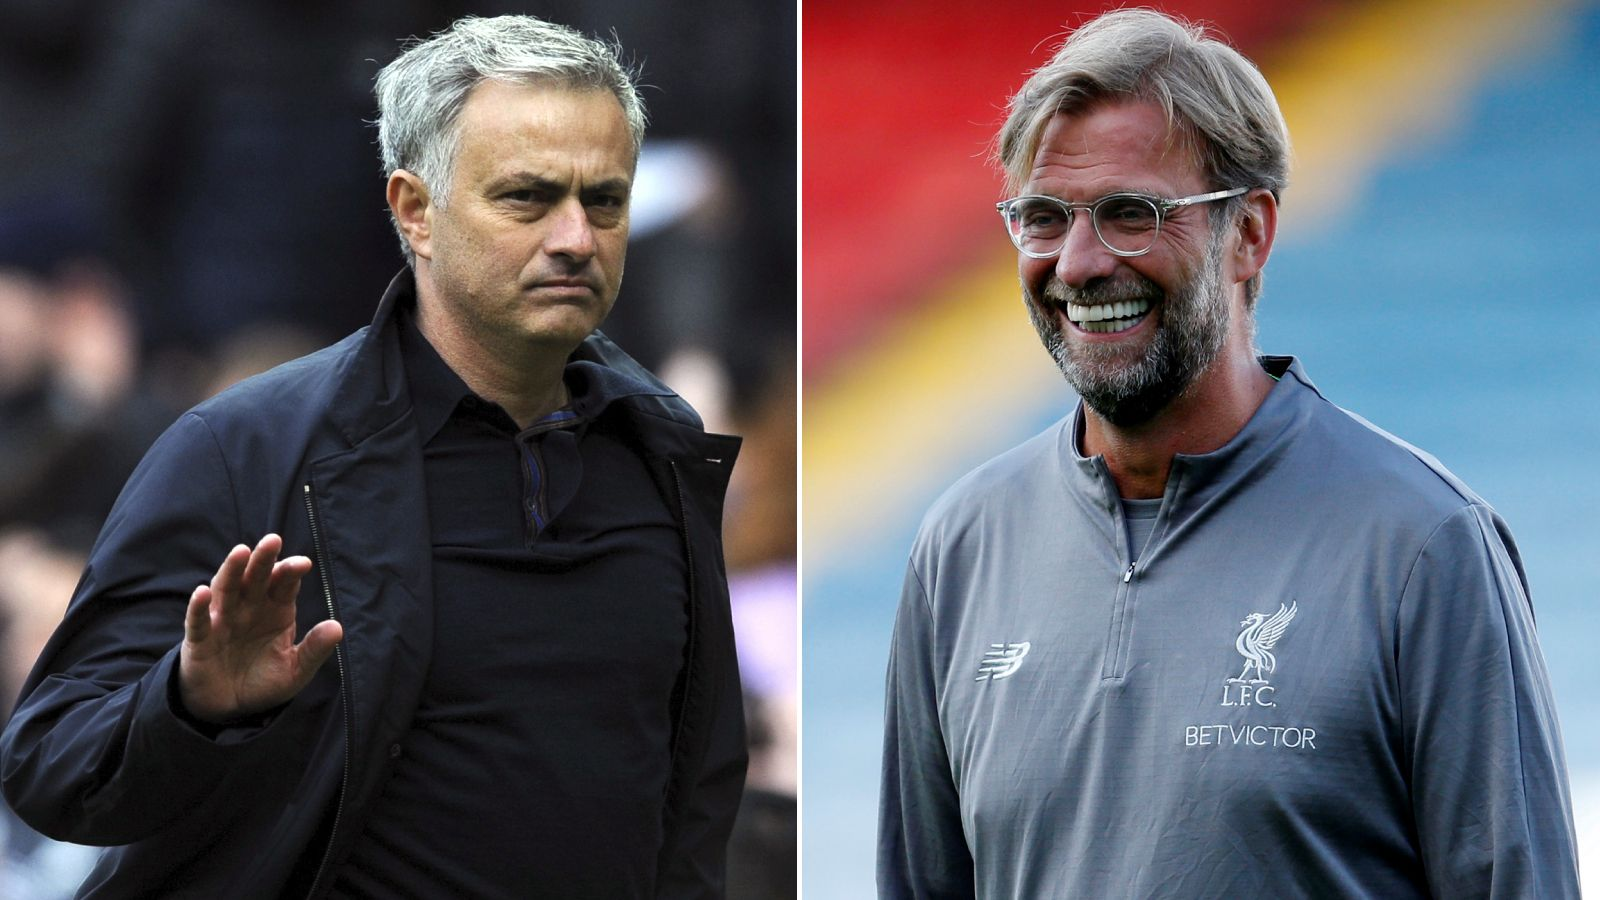 SMIL, DU HAR GJORT EN GOD DEAL! Det gjelder vel kanskje mest for Jürgen Klopp (t.h.), og ikke like mye for José Mourinho (t.v.)